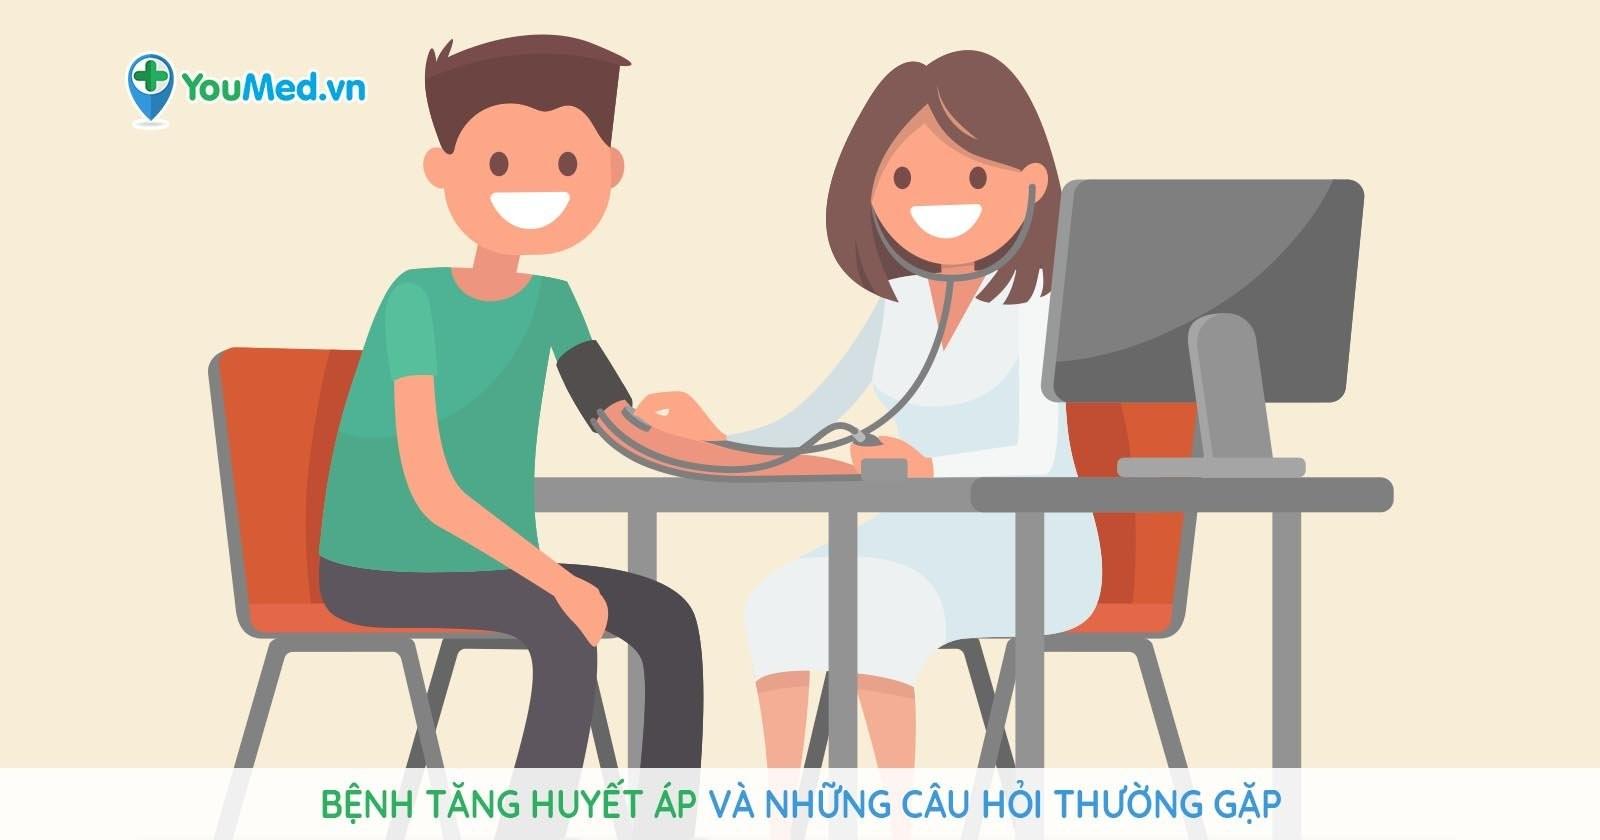 bệnh tăng huyết áp và những câu hỏi thường gặp